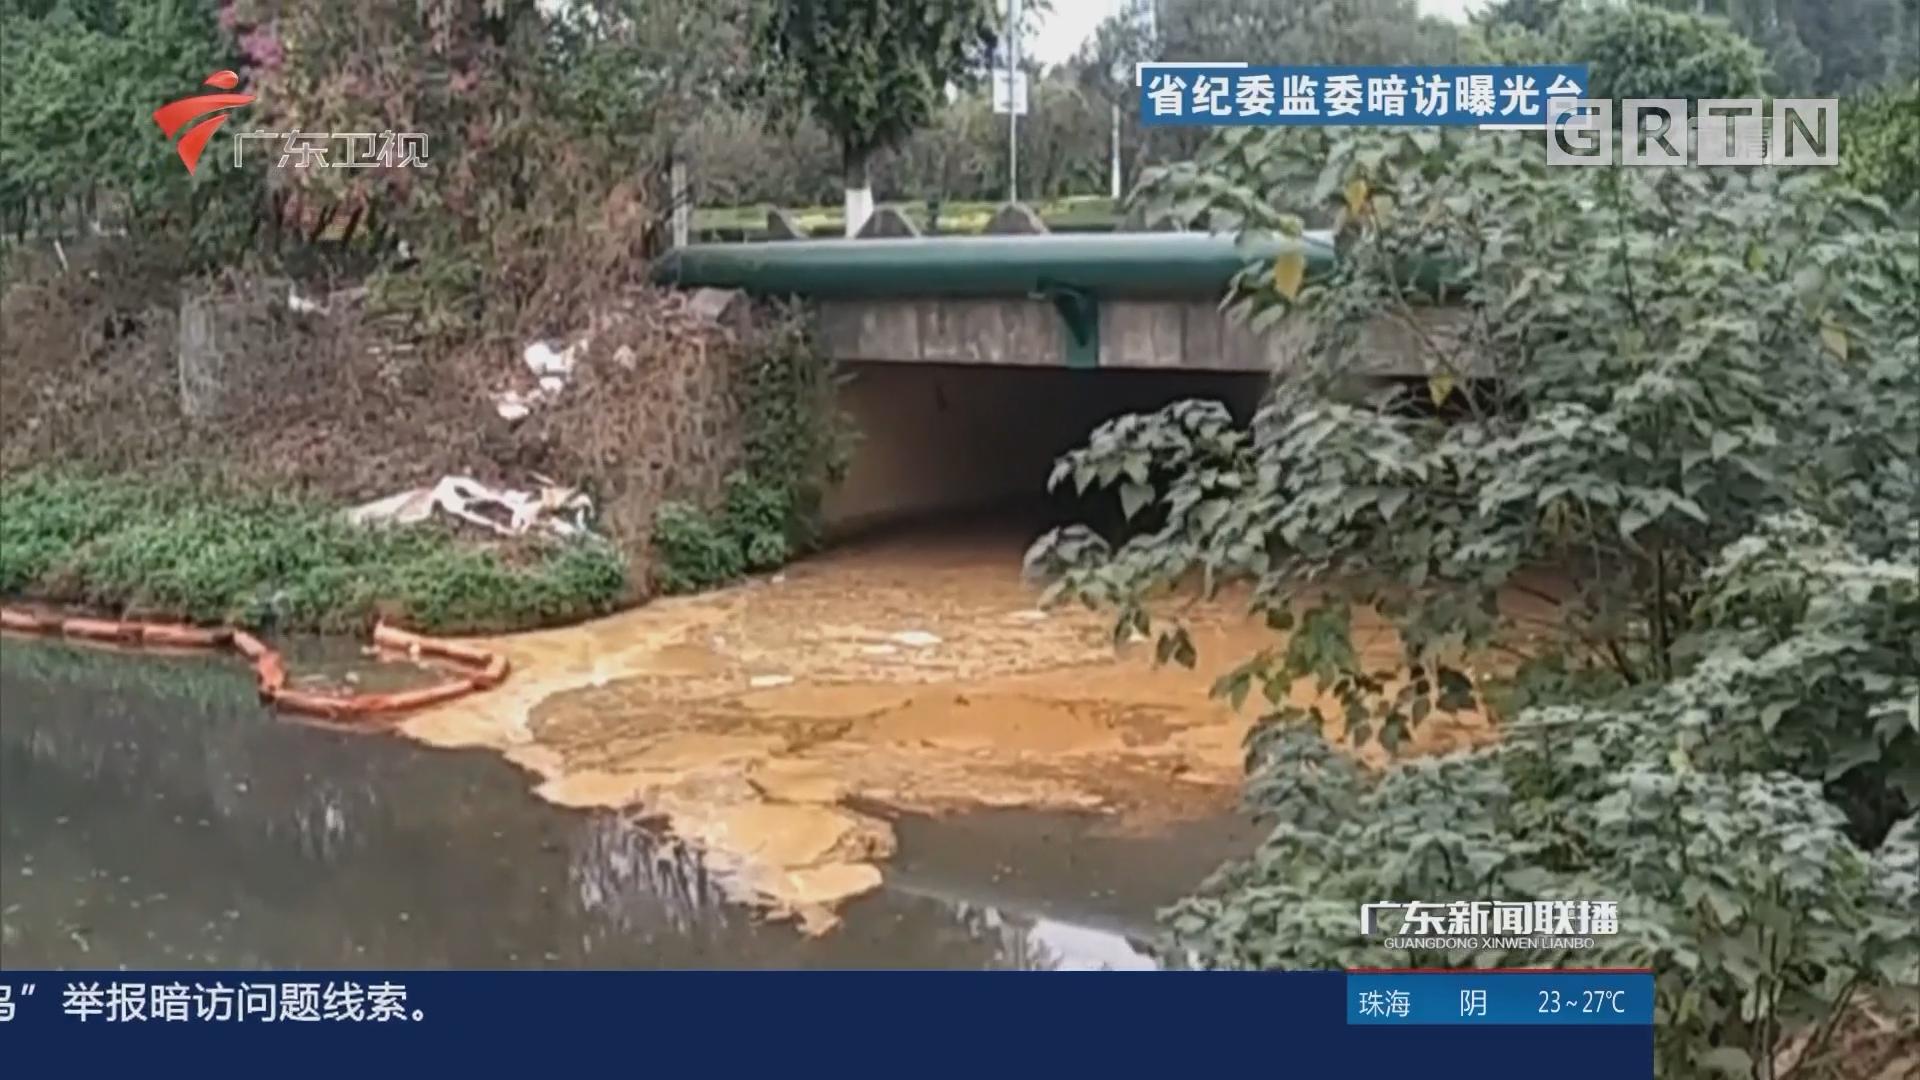 佛山南海:河涌污染重治理差 河长调门高行动少